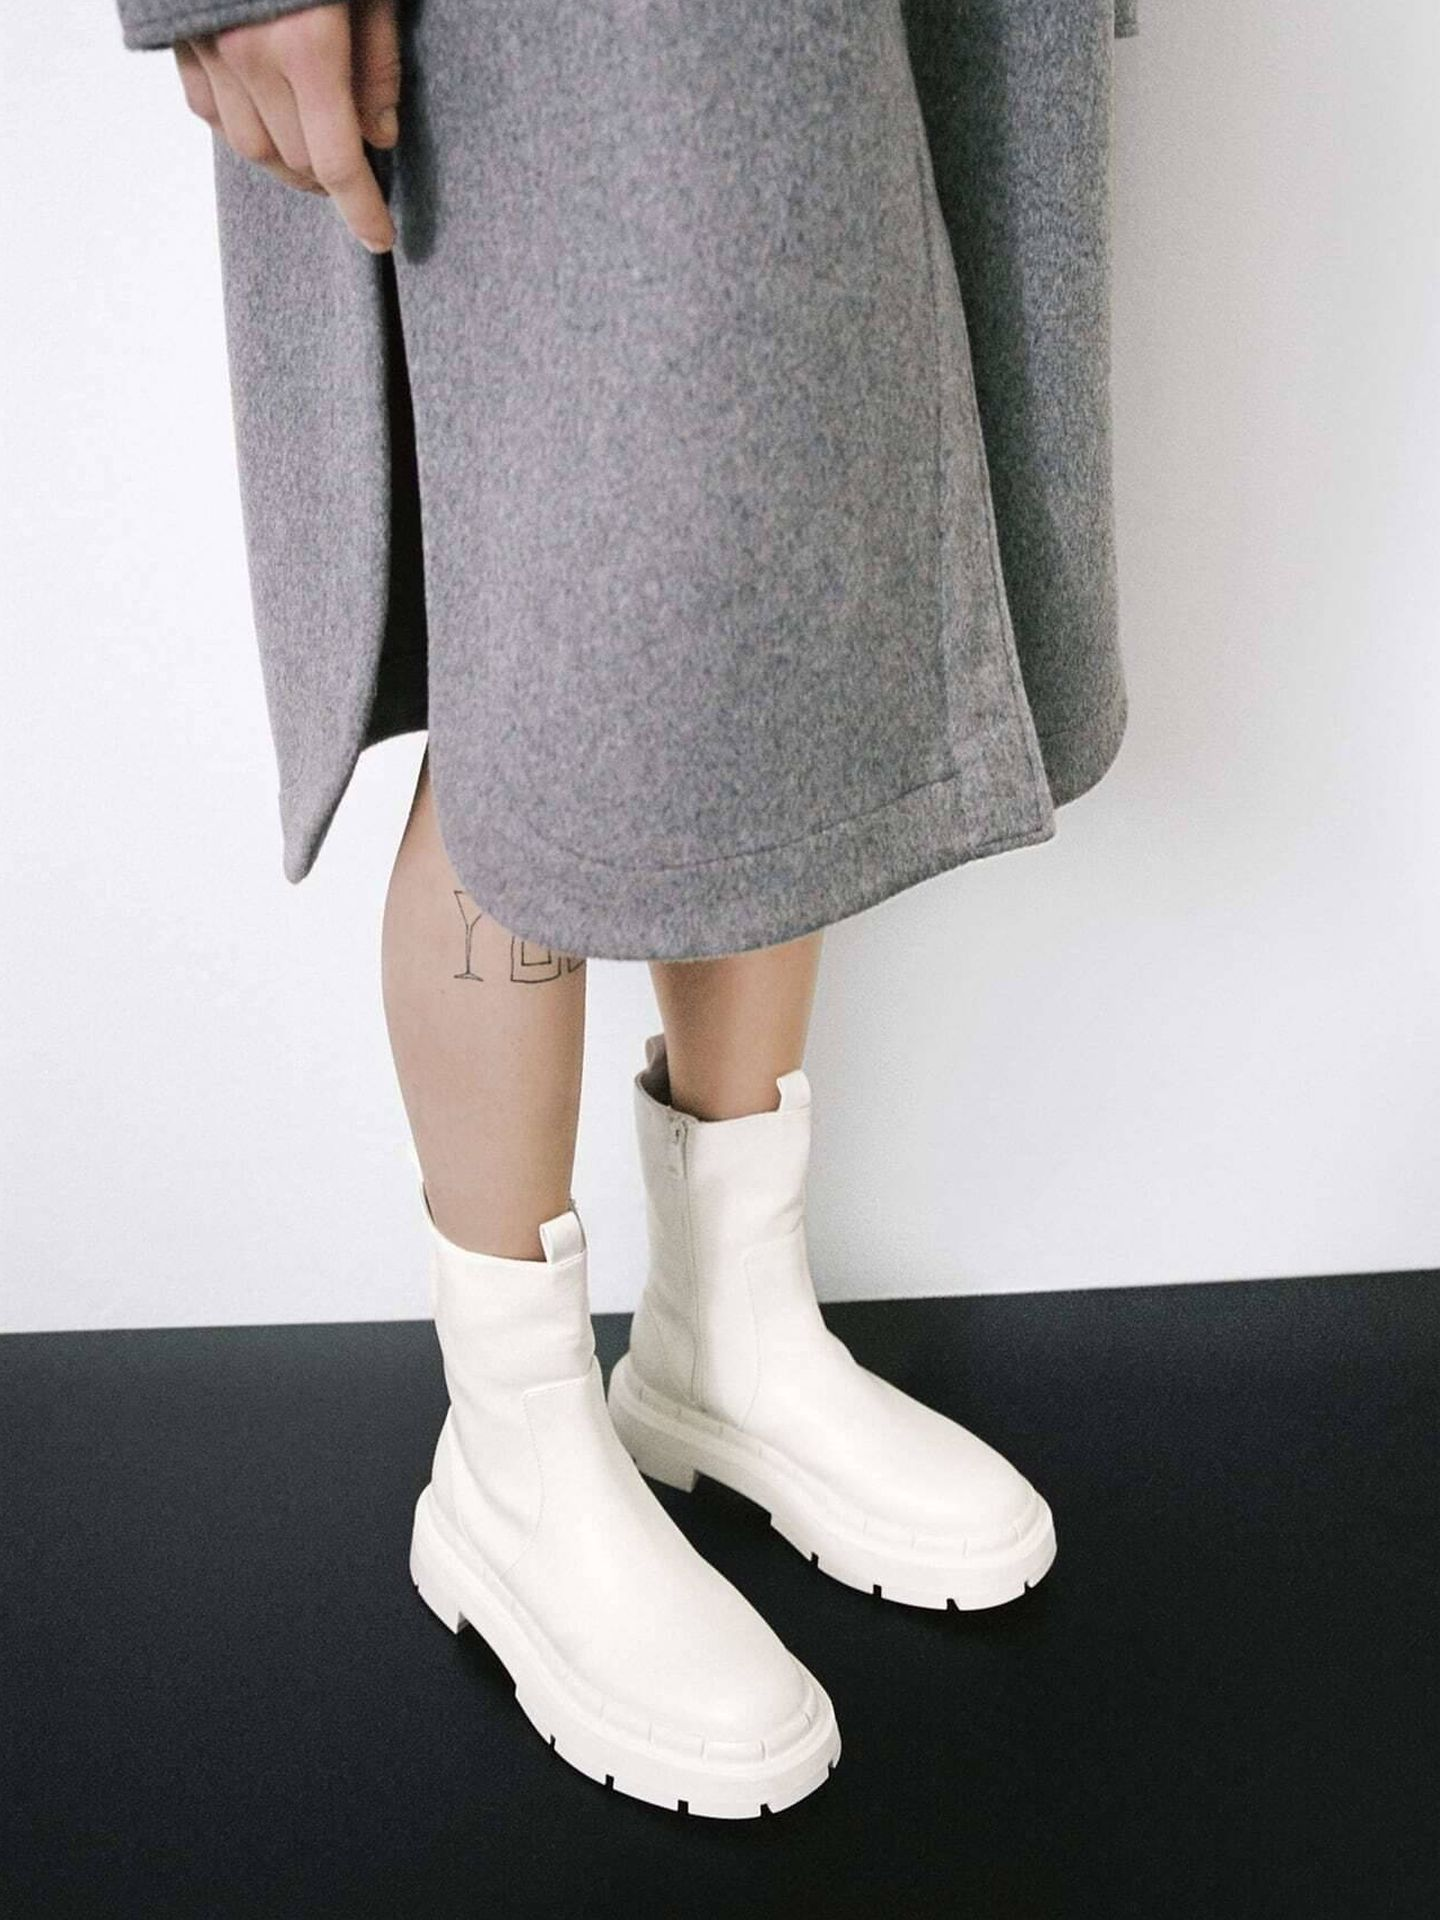 Las botas track de Zara que lleva Marta Hazas. (Cortesía)